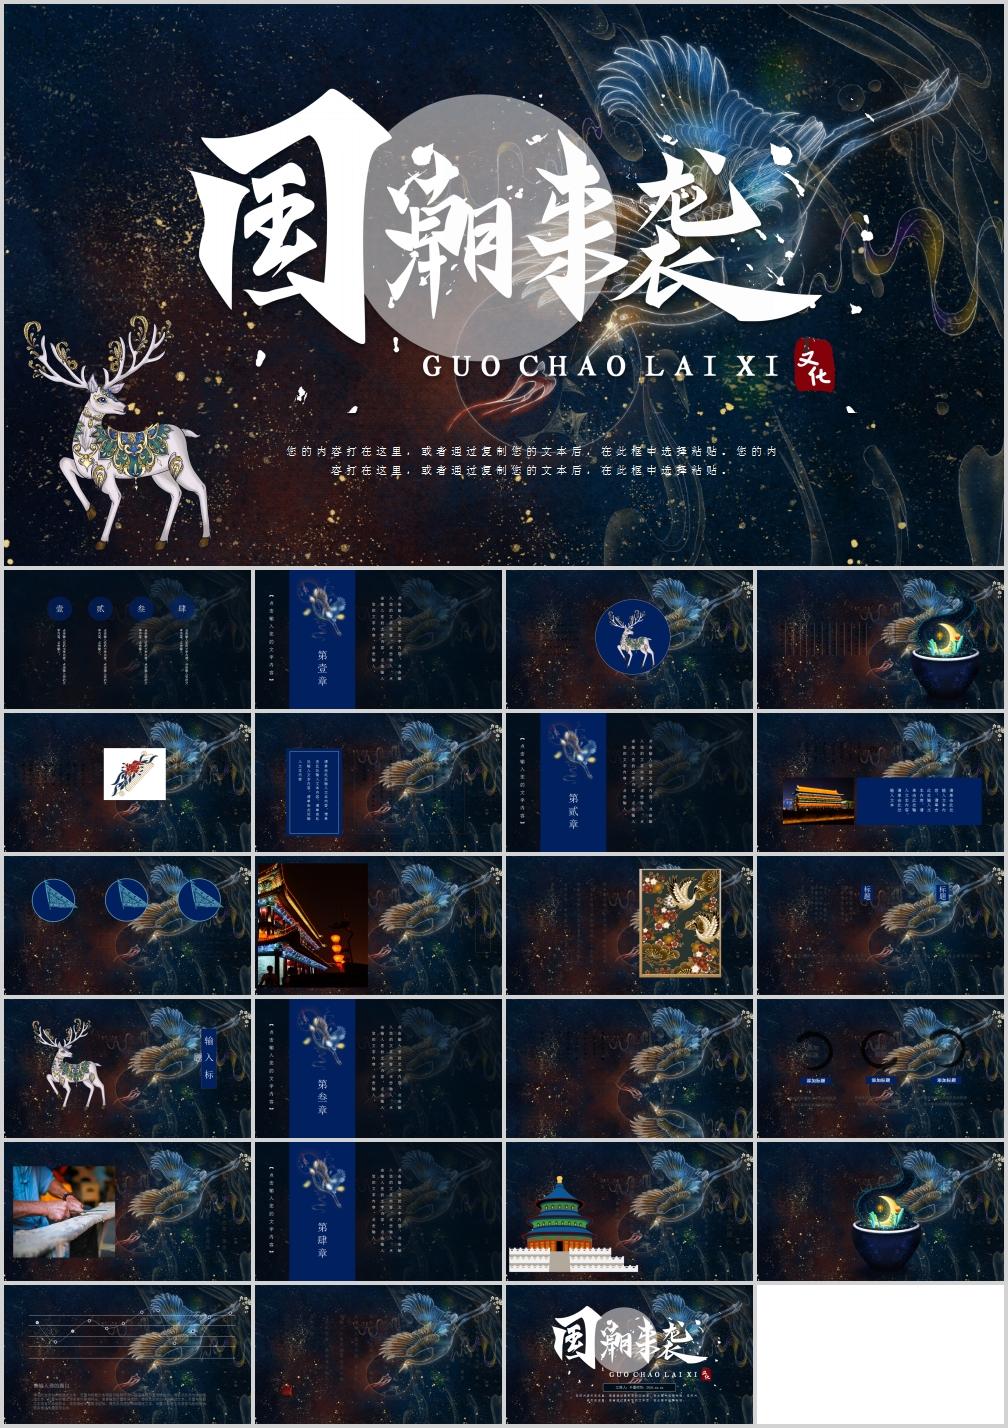 【PPT】国潮梅花鹿+仙鹤古风风格PPT模板-爱资源分享